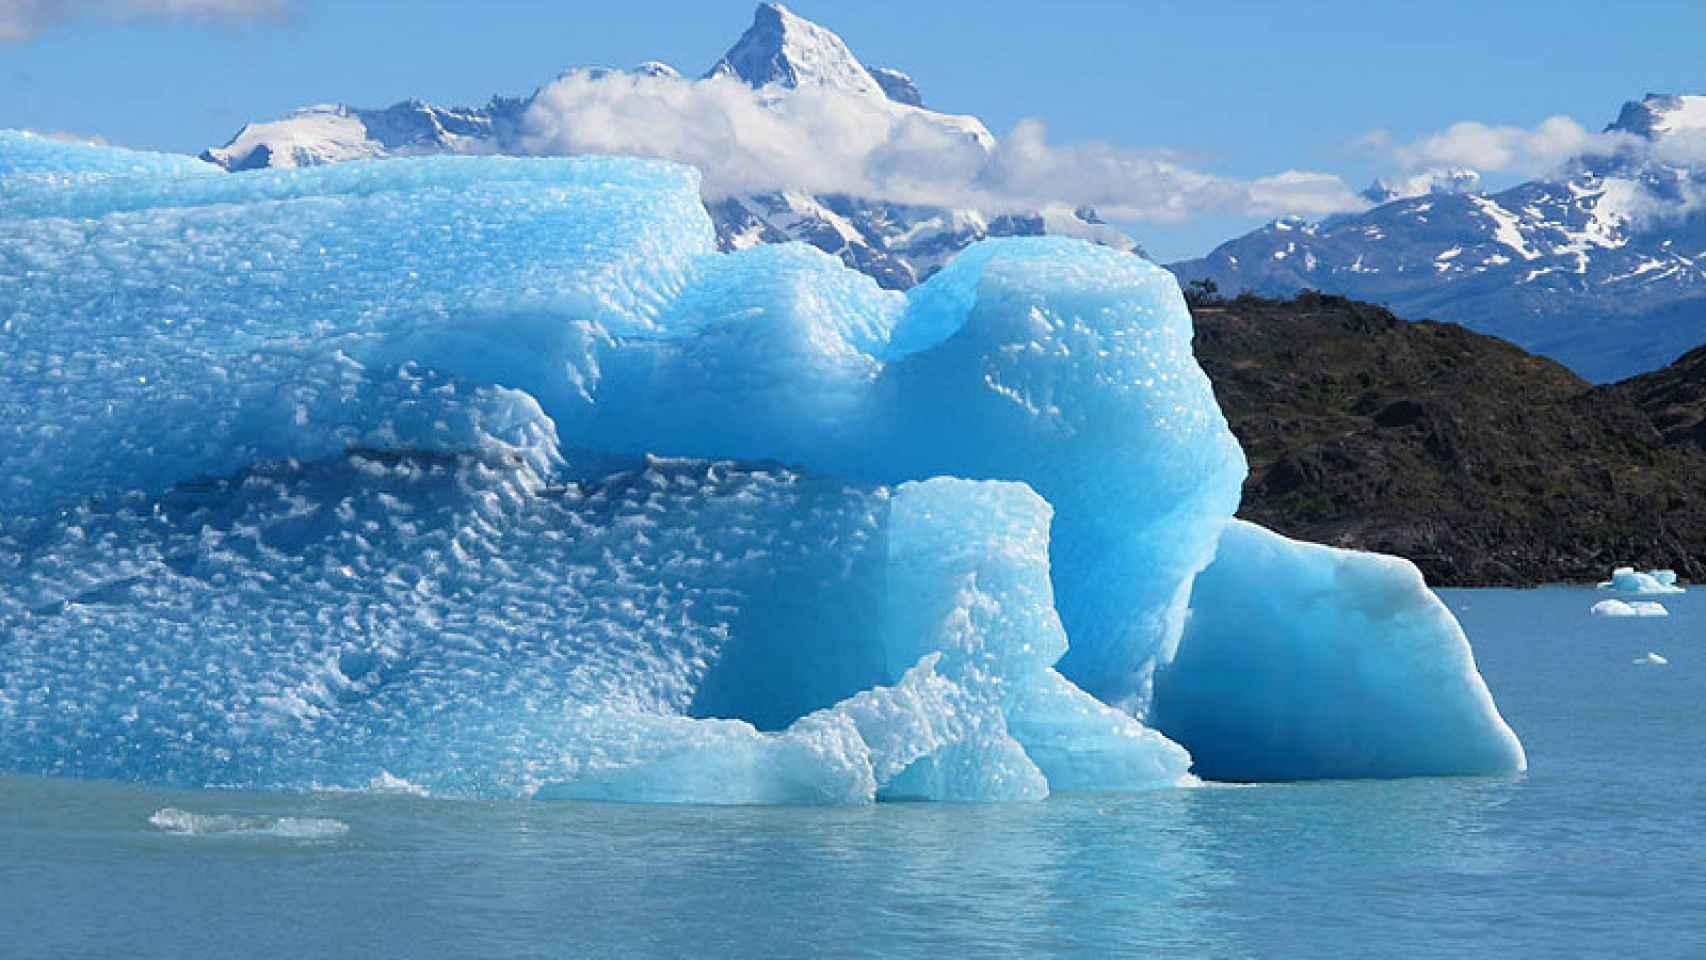 El experto en modelos climáticos James Annan puede ganar 10.000 dólares este año en una apuesta sobre el cambio climático.